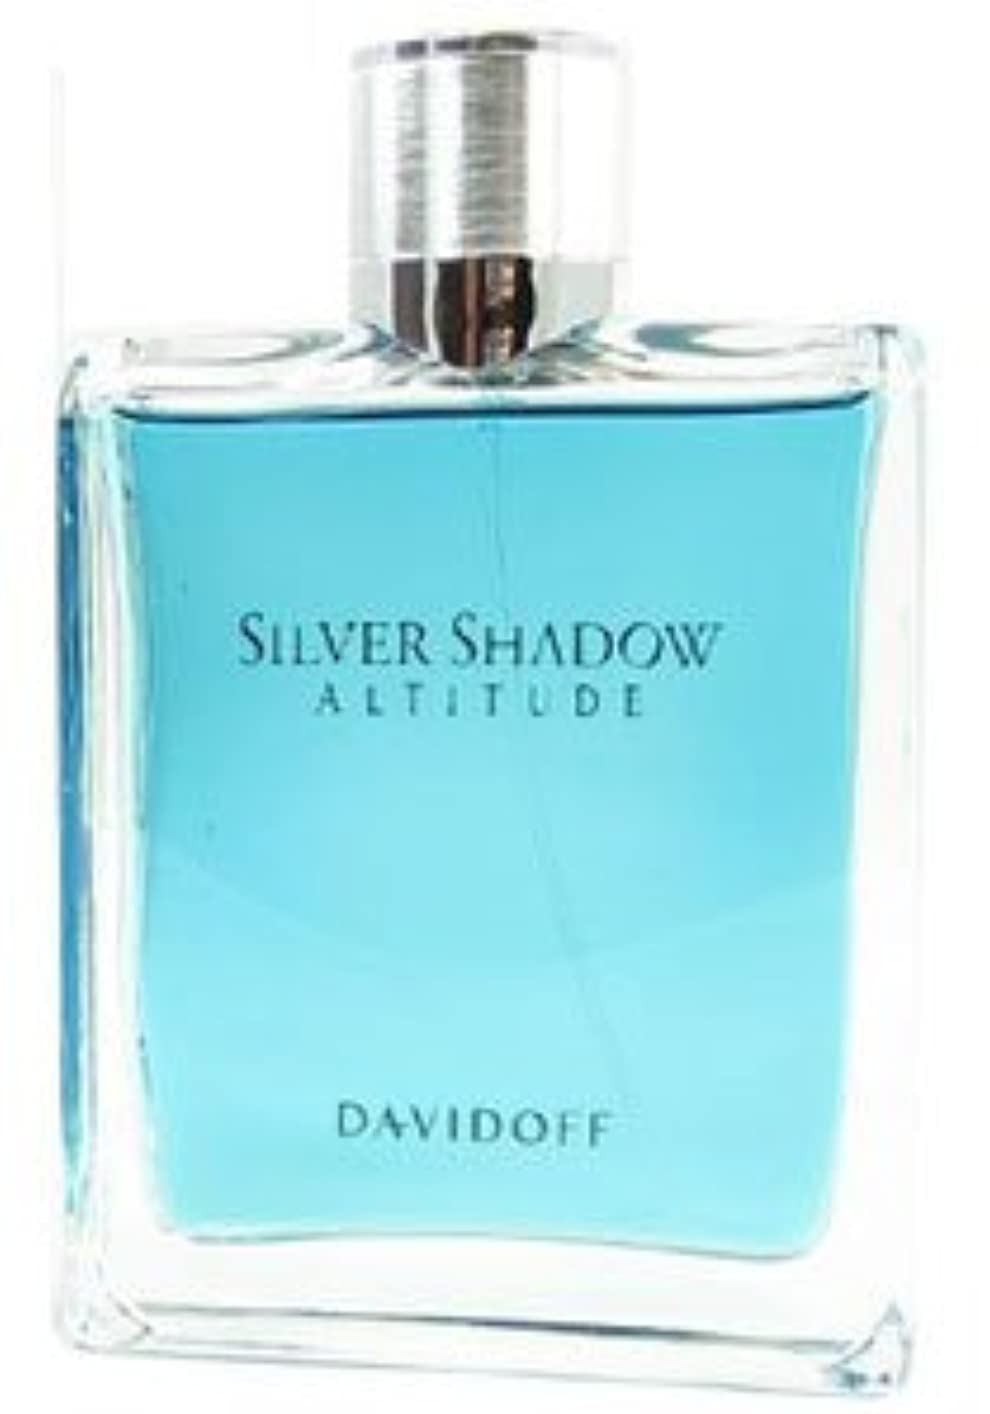 移動する大混乱識別Silver Shadow Altitude (シルバーシャドウ アルティテュード) 1.7 oz (50ml) EDT Spray by Davidoff for men